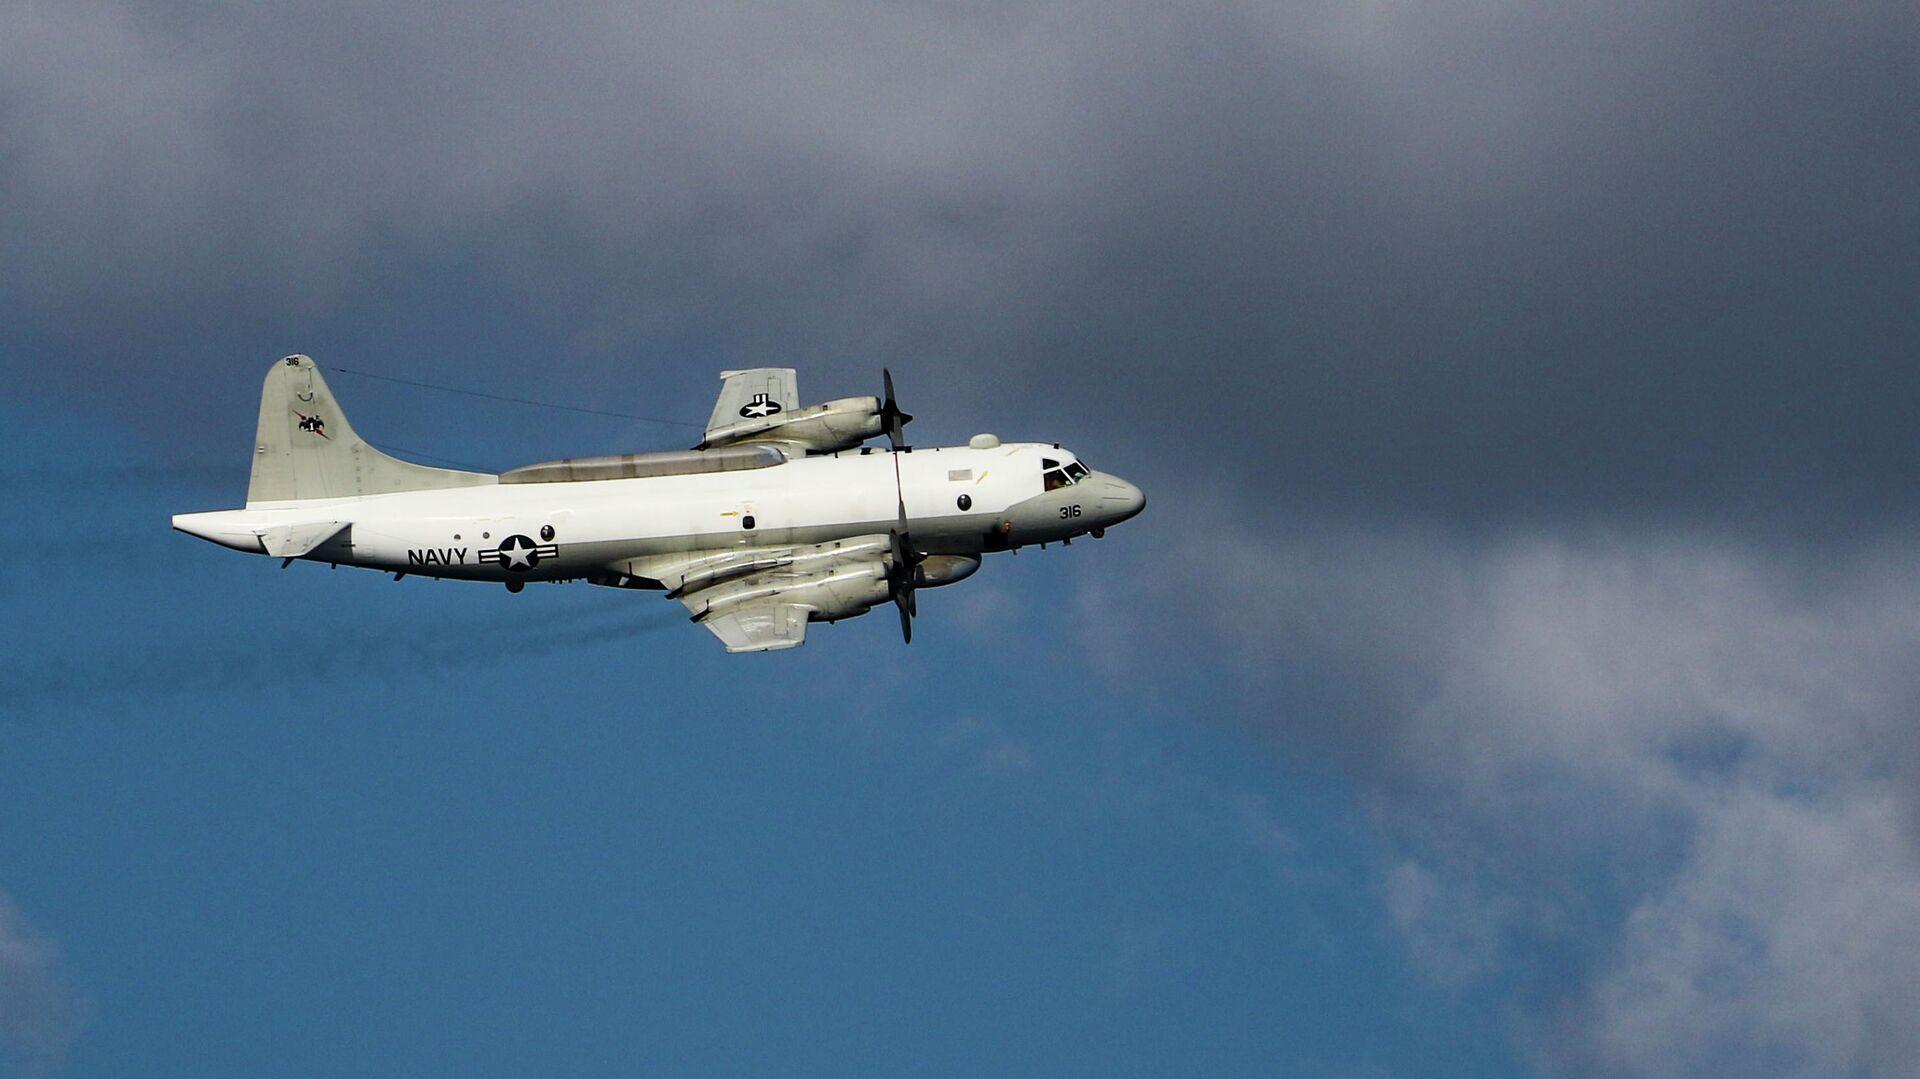 Минобороны показало видео сопровождения самолета ВВС США